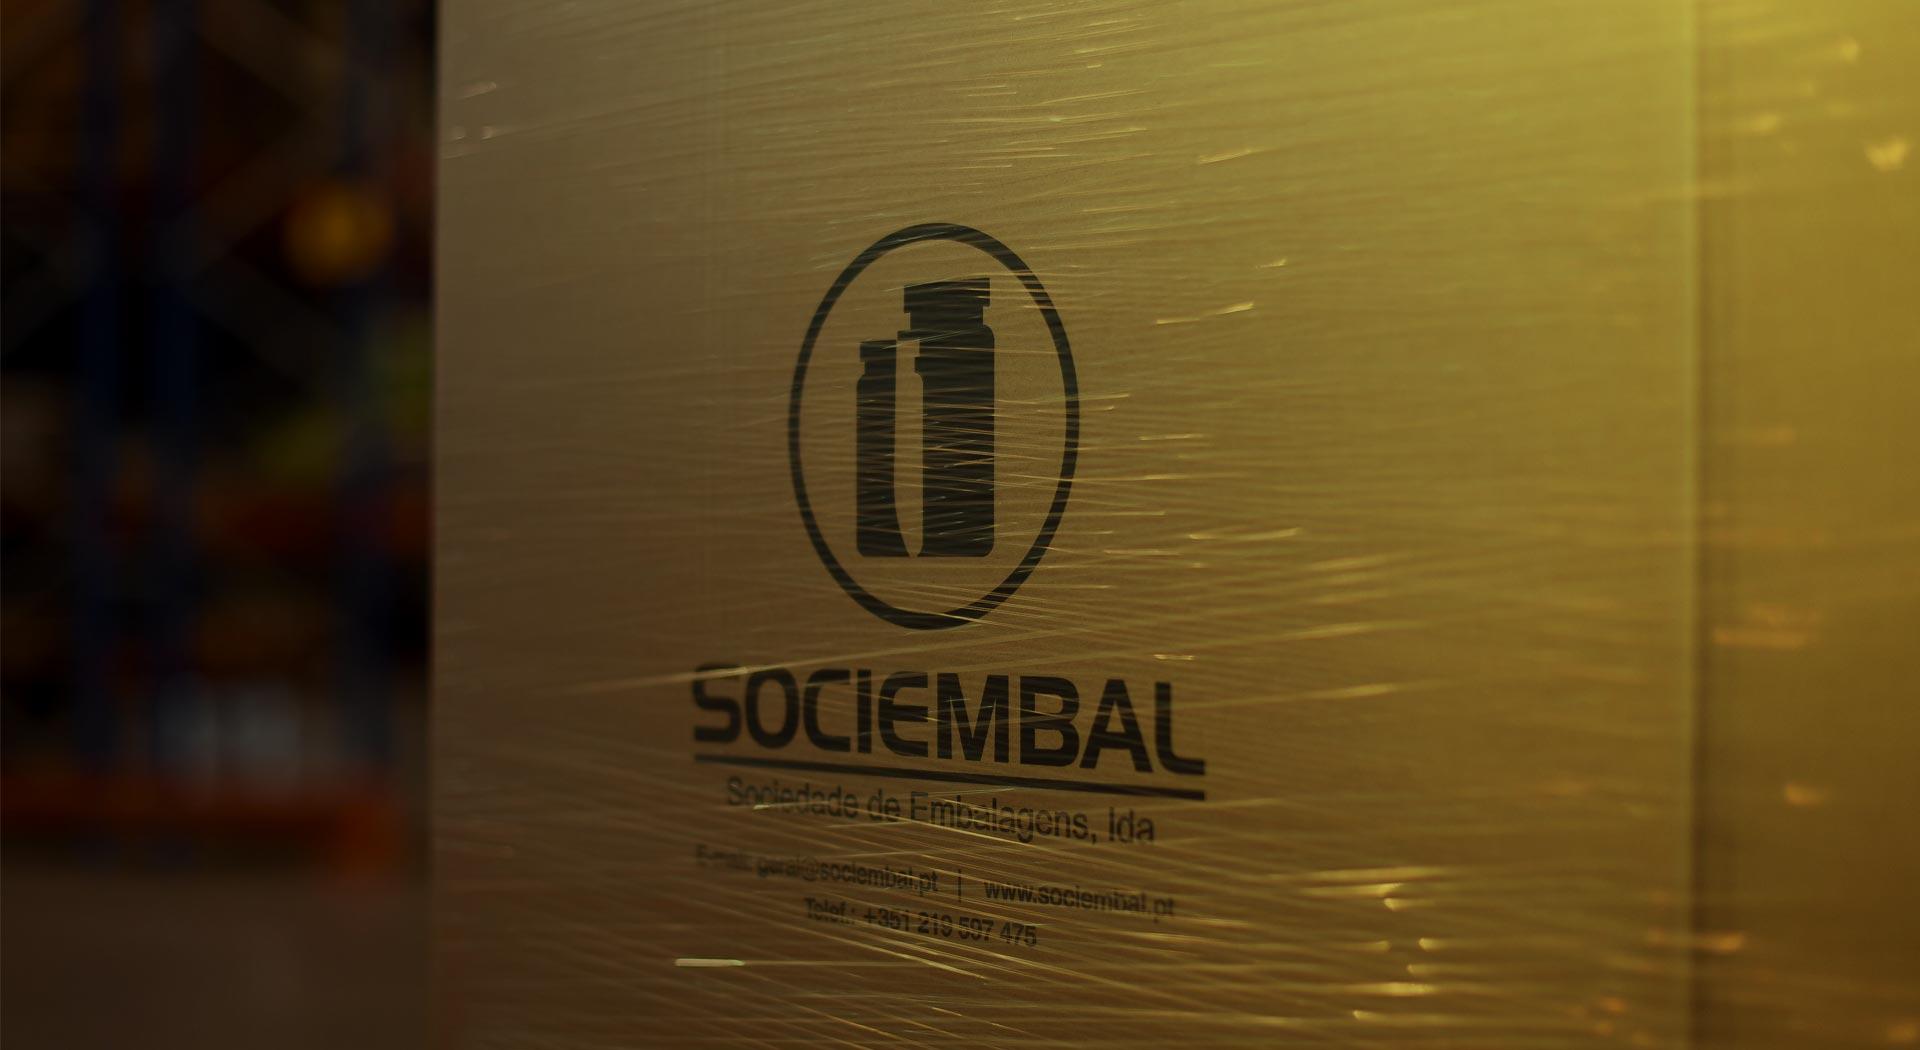 Sociembal - Sociedade de Embalagens, lda